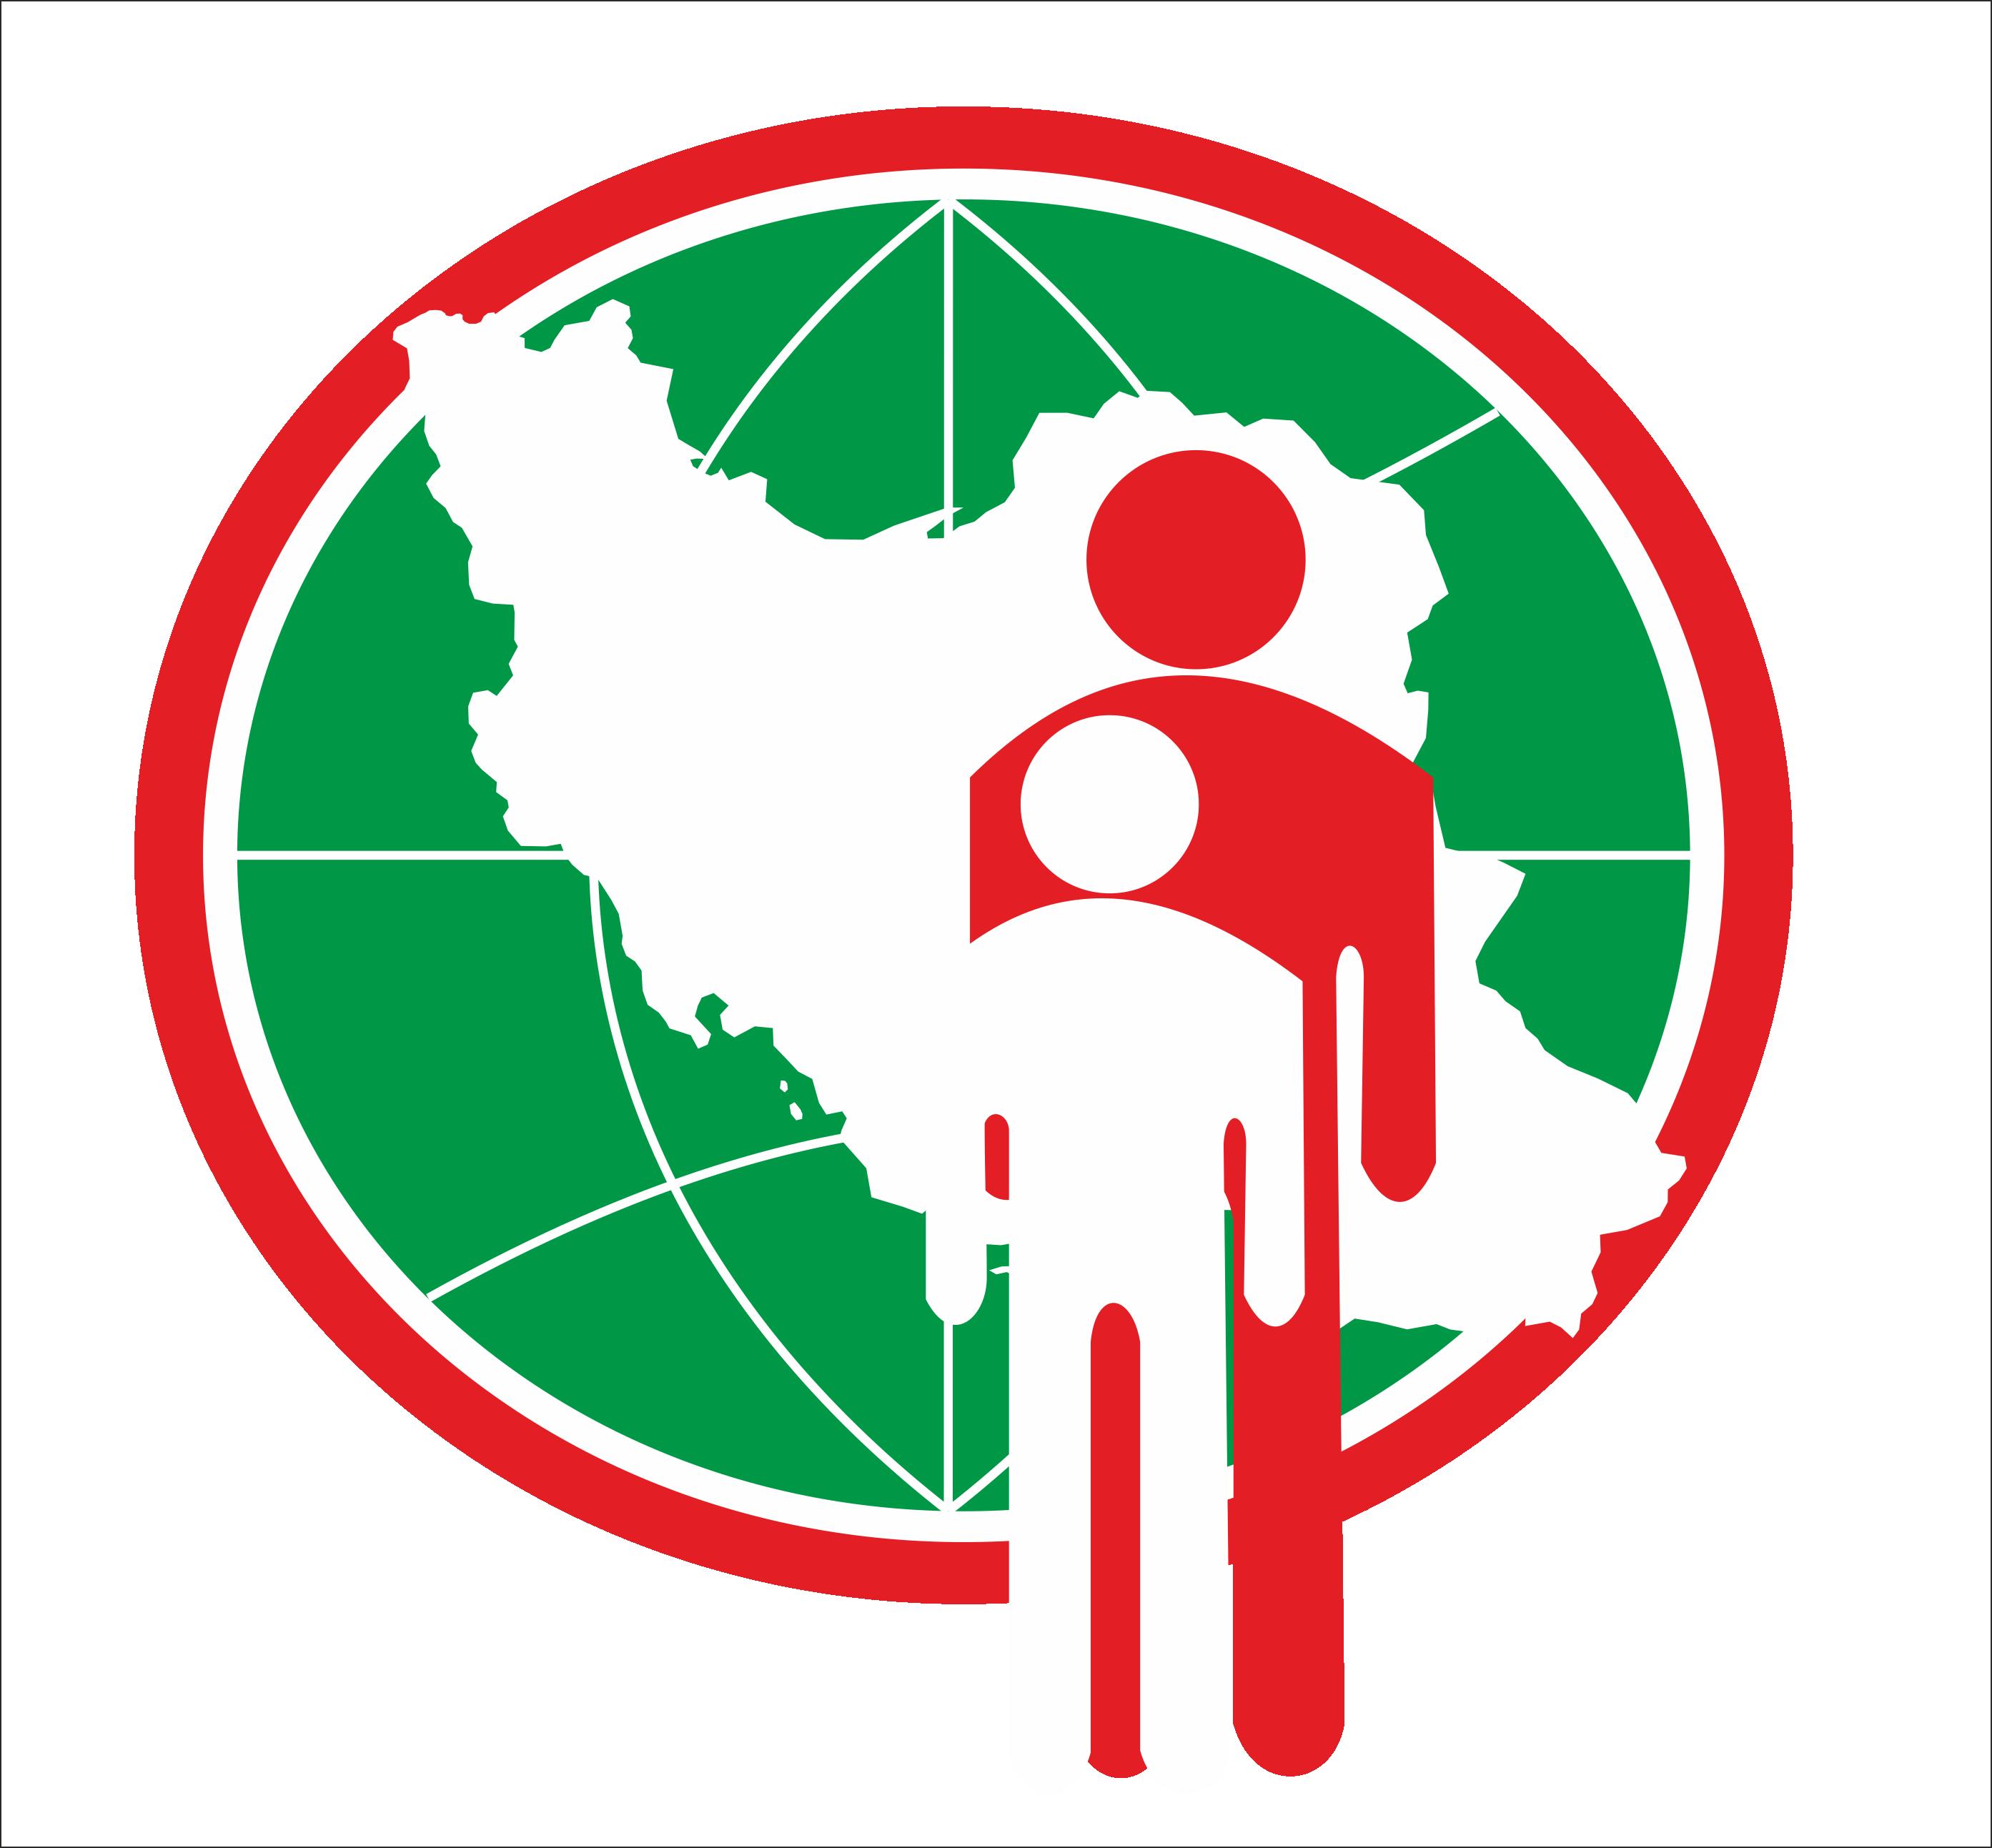 سوالات استخدامی سازمان ثبت احوال کشور (سوالات مهم آزمون ۱۴۰۰)